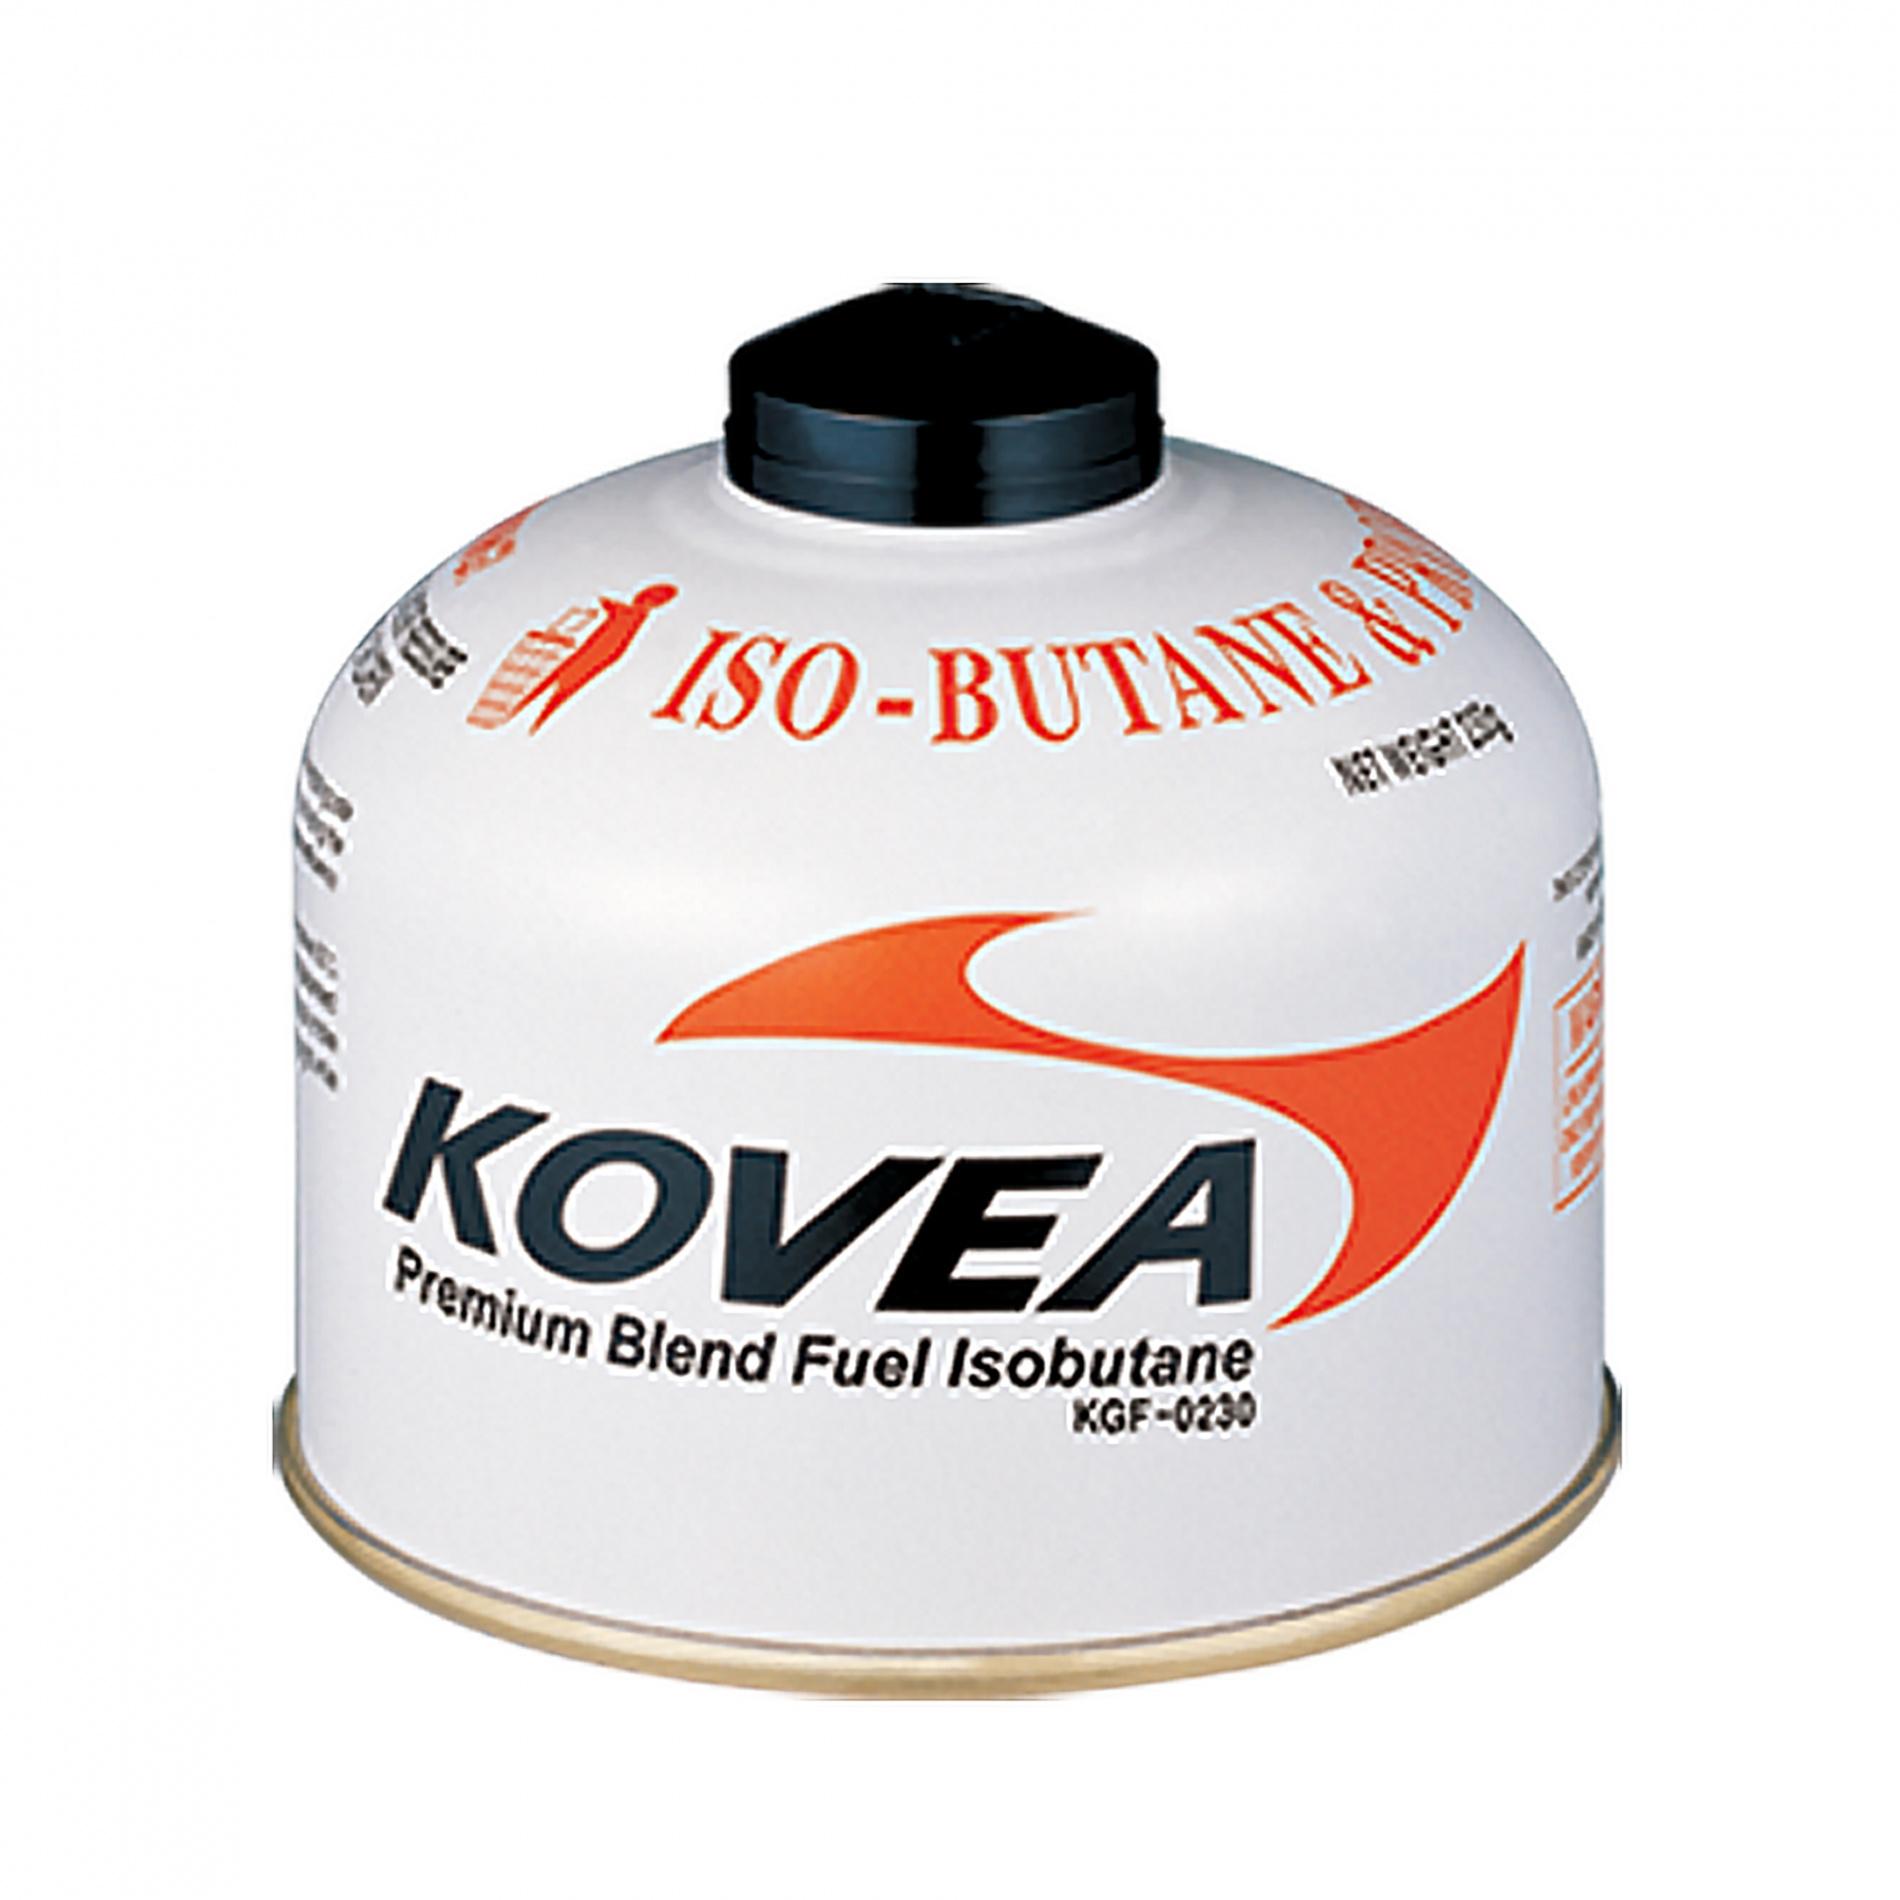 Баллон газовый Kovea 230 (изобутан/пропан 70/30) как продать газовый баллон на авто